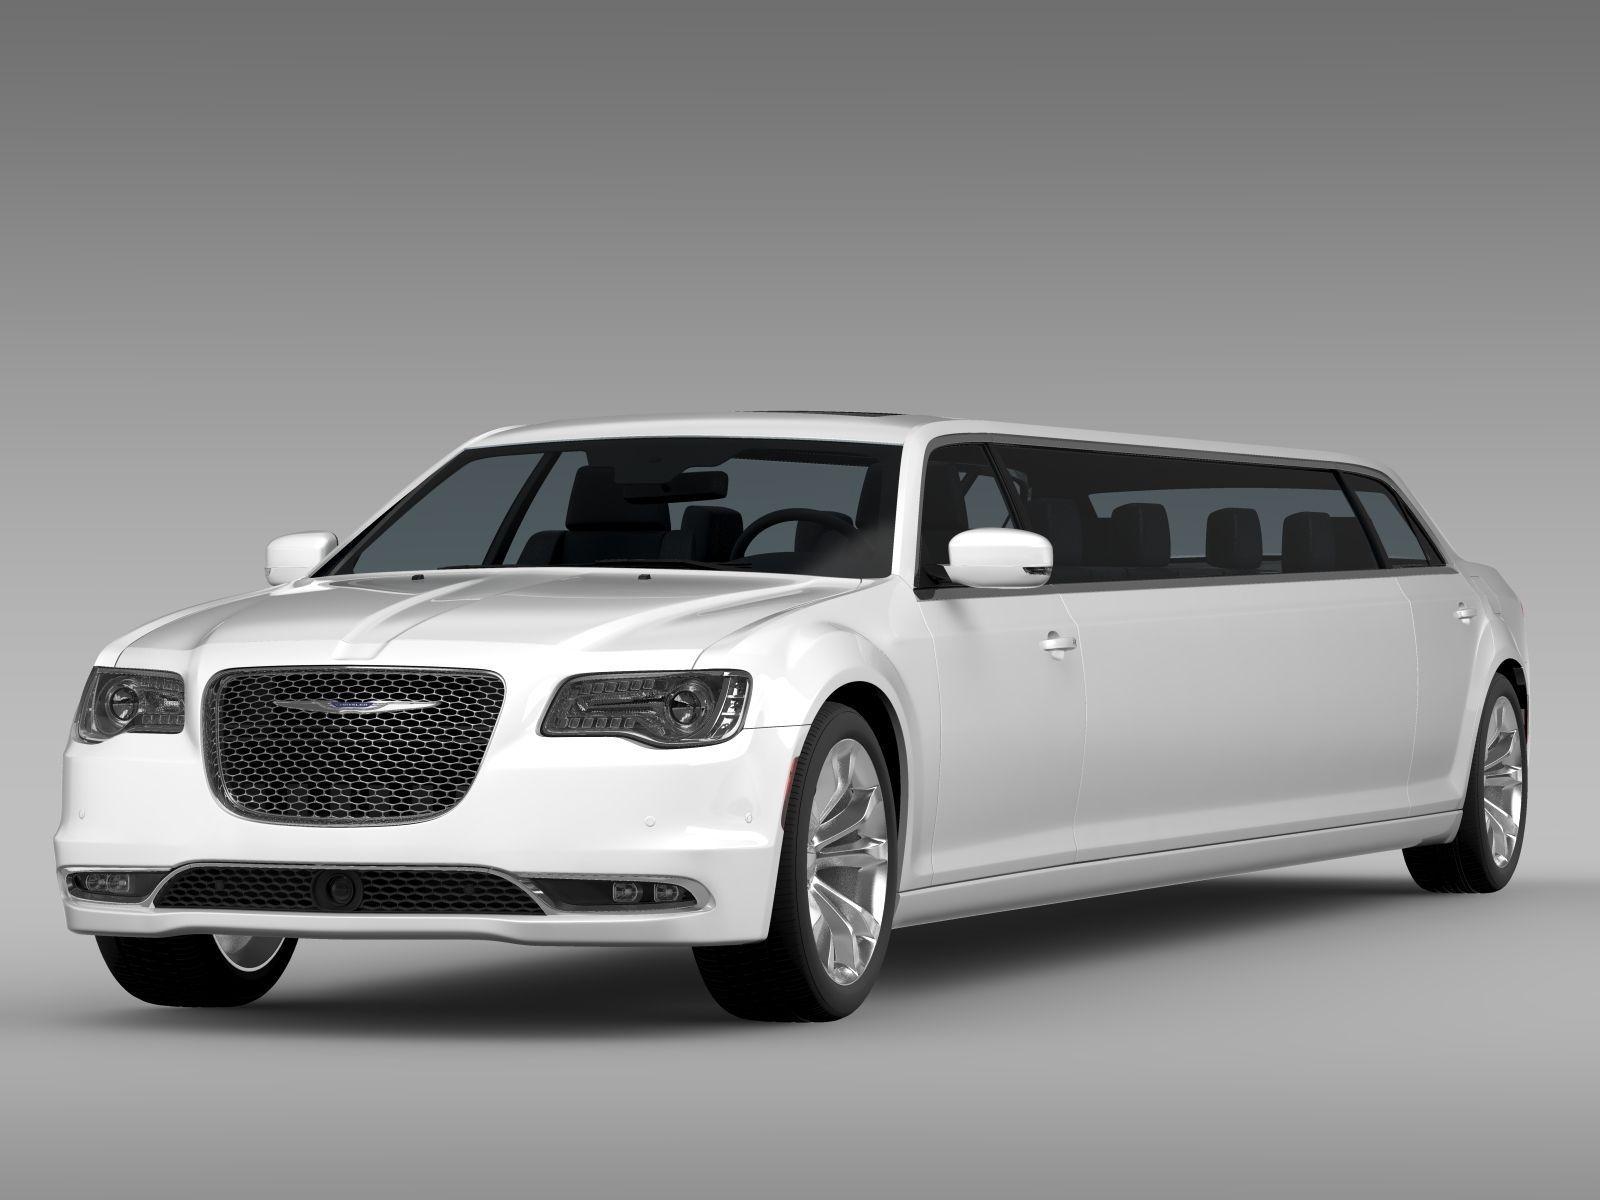 chrysler 300c platinum limousine lx2 2016 3d model max obj 3ds c4d lwo lw lws ma mb. Black Bedroom Furniture Sets. Home Design Ideas